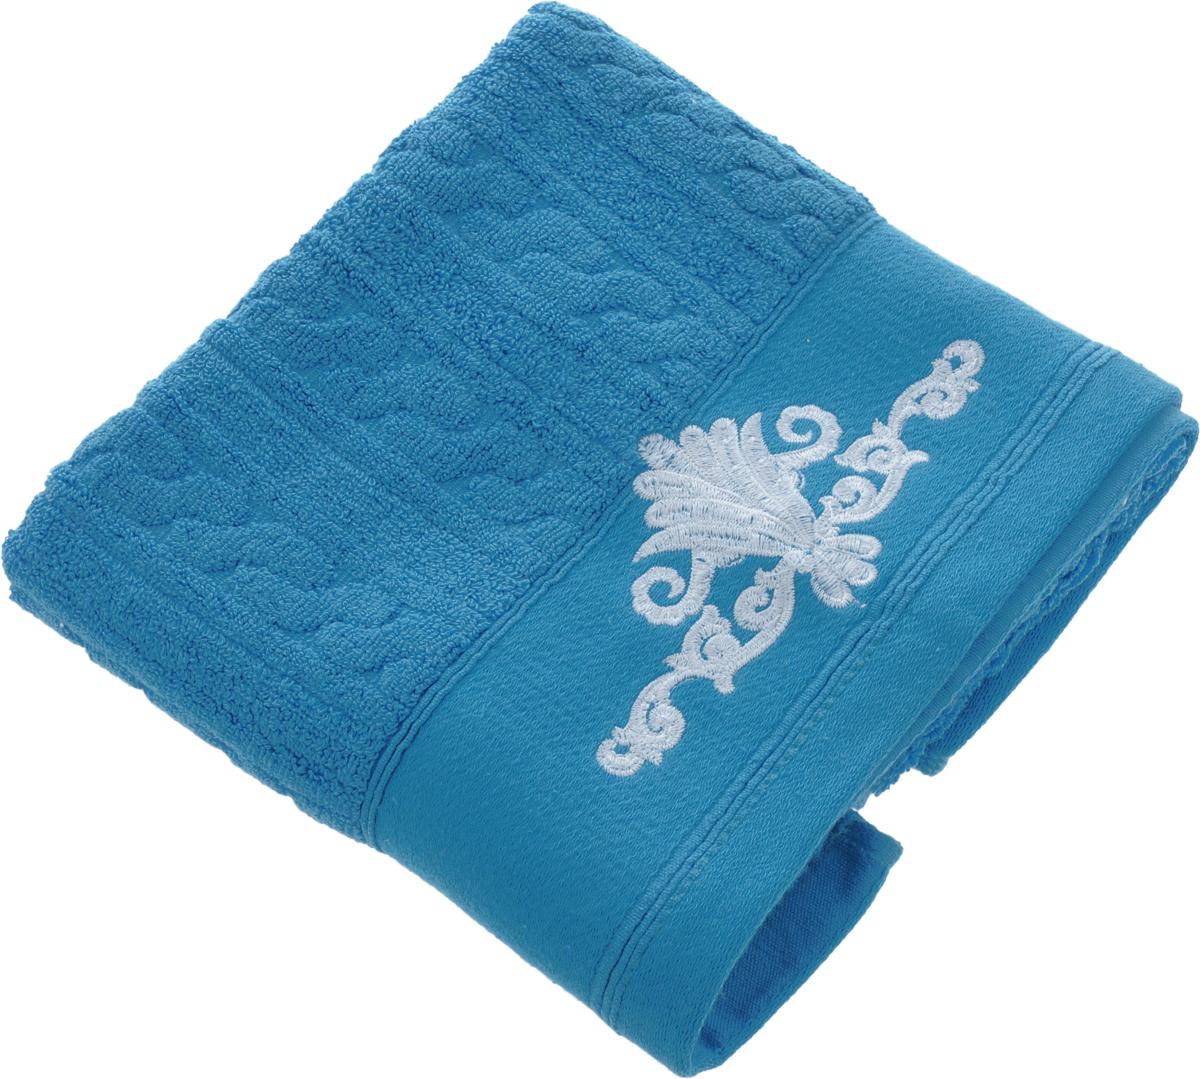 Полотенце Soavita Paolo, цвет: светло-синий, 50 х 90 см64058Махровое полотенце Soavita Paolo выполнено из 100% хлопка. Изделие отлично впитывает влагу, быстро сохнет, сохраняет яркость цвета и не теряет форму даже после многократных стирок. Полотенце очень практично и неприхотливо в уходе. Оно создаст прекрасное настроение и украсит интерьер в ванной комнате.Рекомендуется стирка при температуре 40°C.